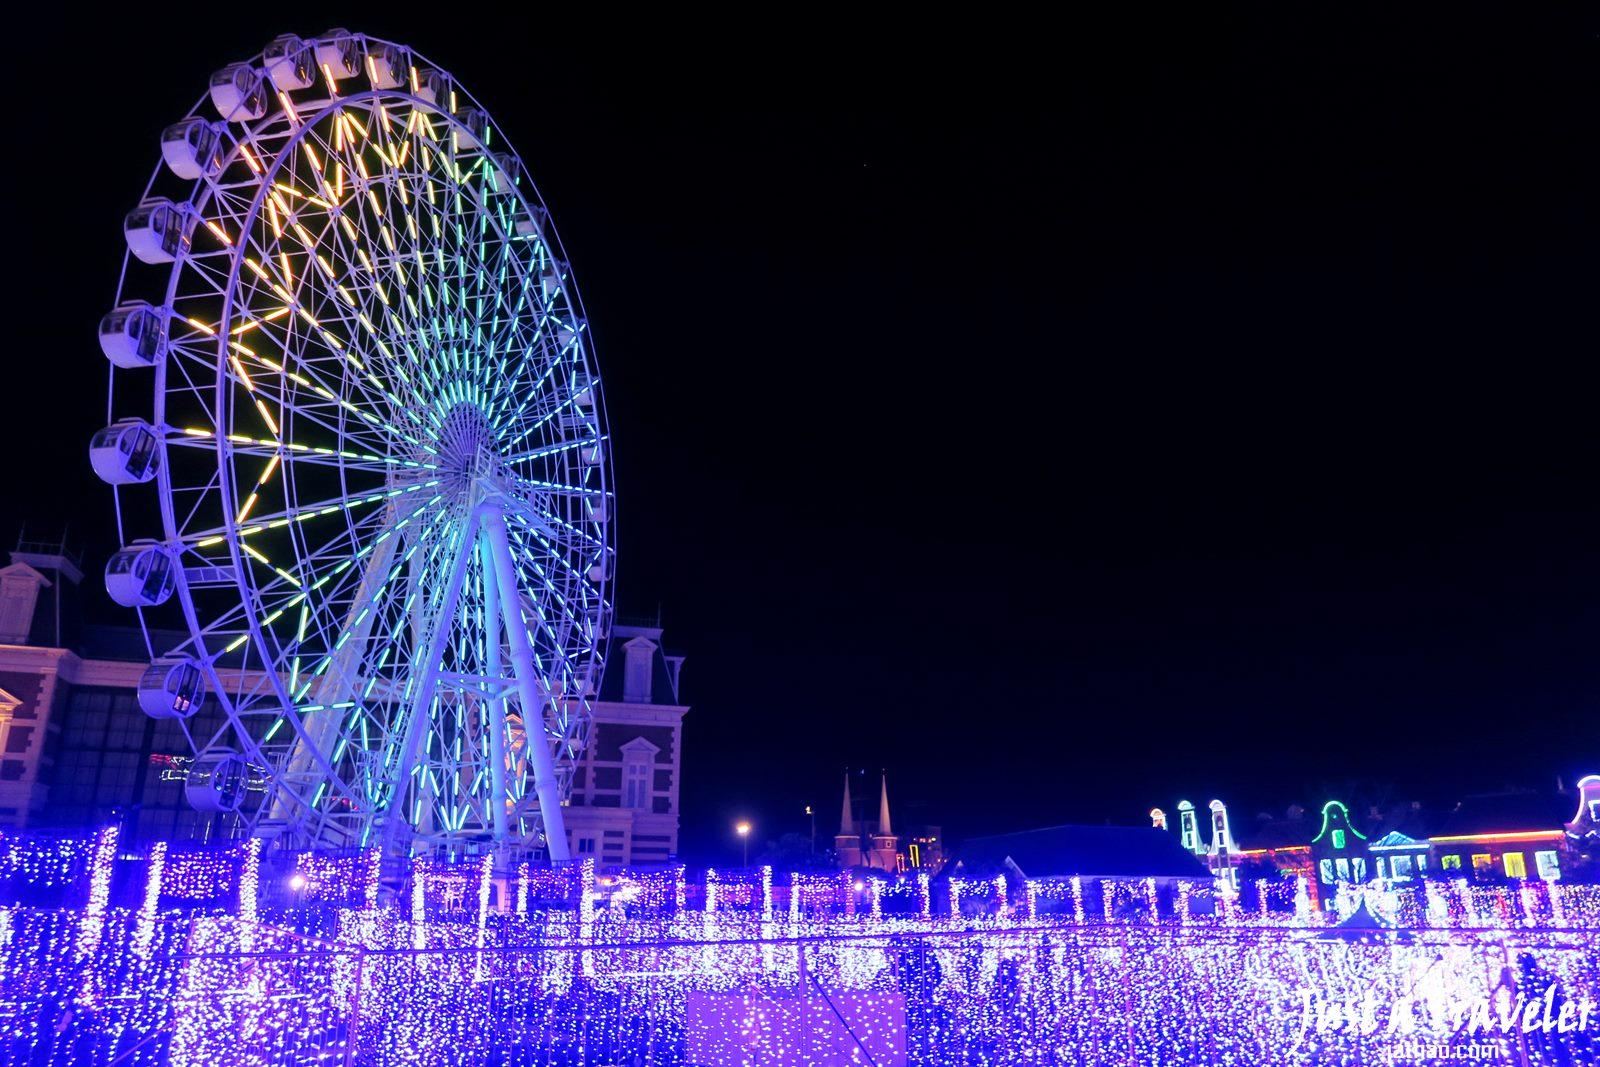 九州-長崎-景點-推薦-豪斯登堡-豪斯登堡夜景-豪斯登堡行程-豪斯登堡攻略-豪斯登堡一日遊-旅遊-自由行-Kyushu-Huis Ten Bosch-night-view-Travel-Japan